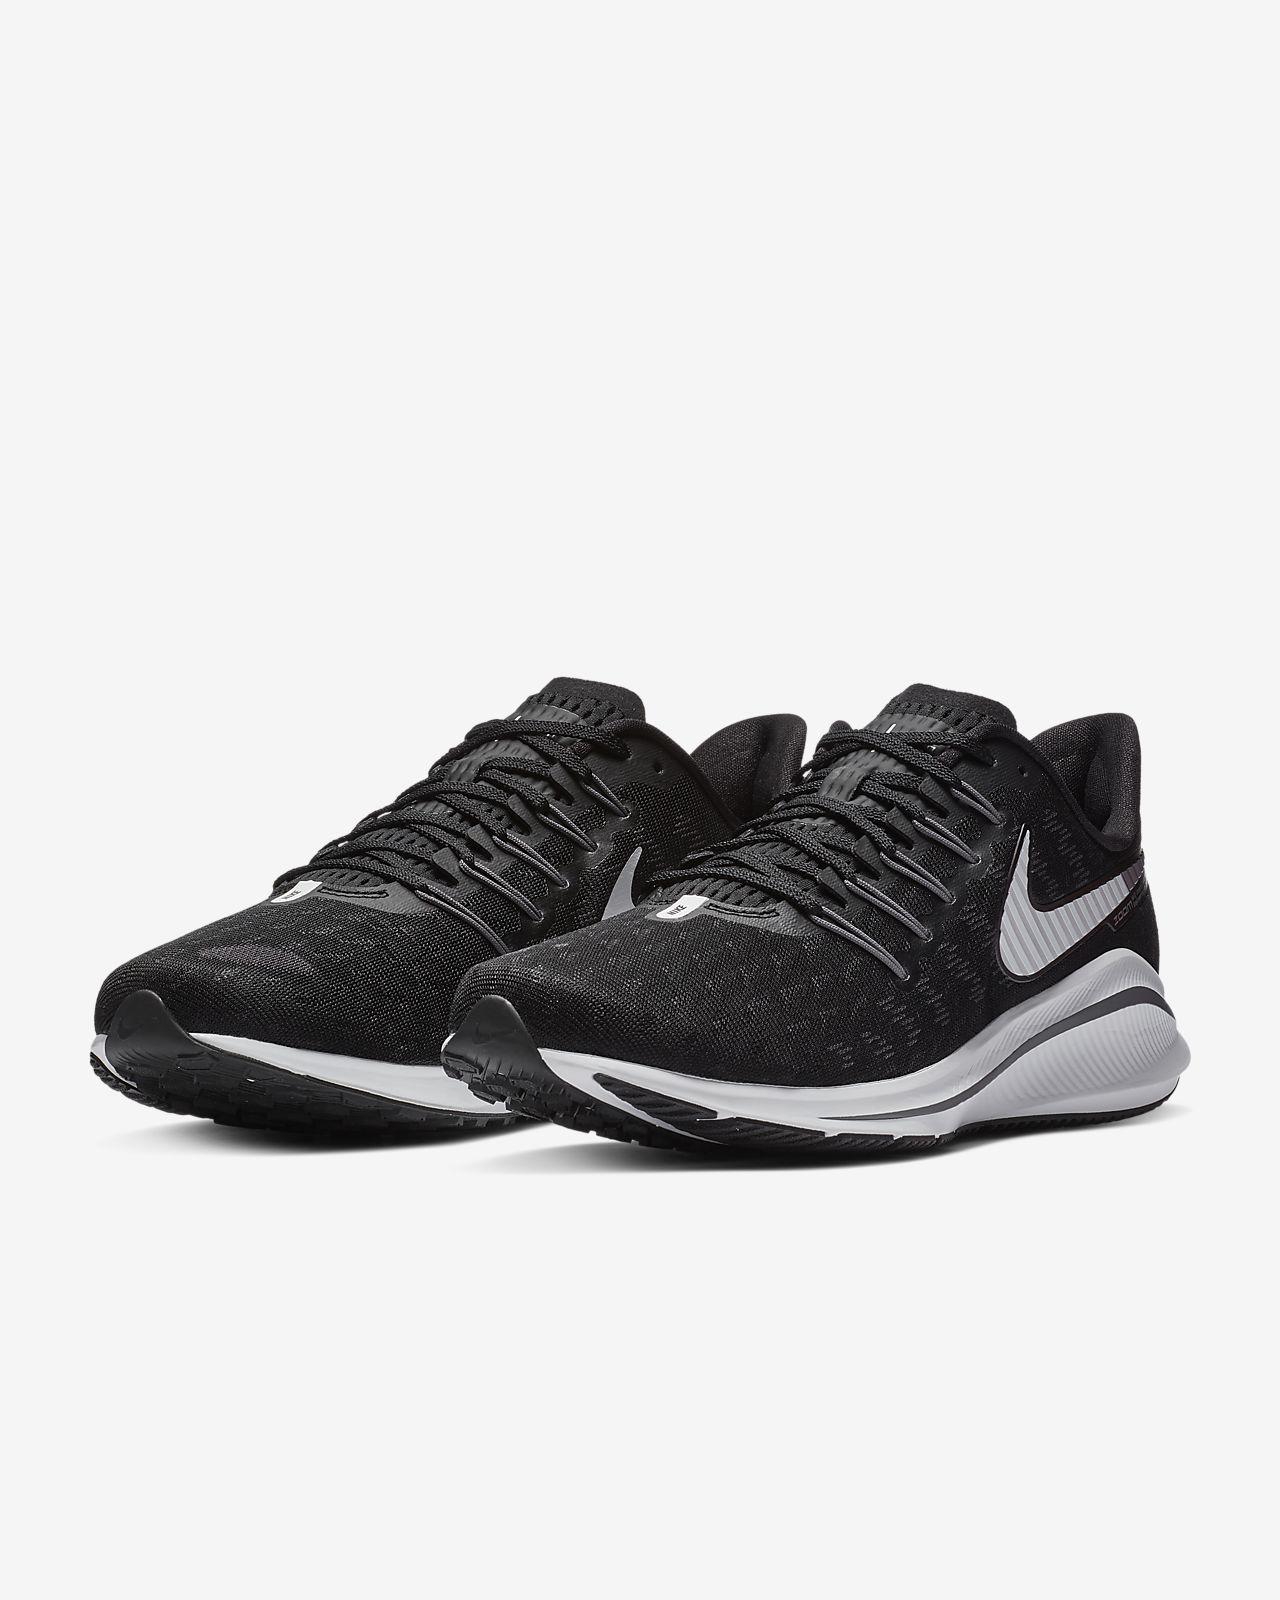 5808c764c78f6 Nike Air Zoom Vomero 14 Men s Running Shoe. Nike.com LU